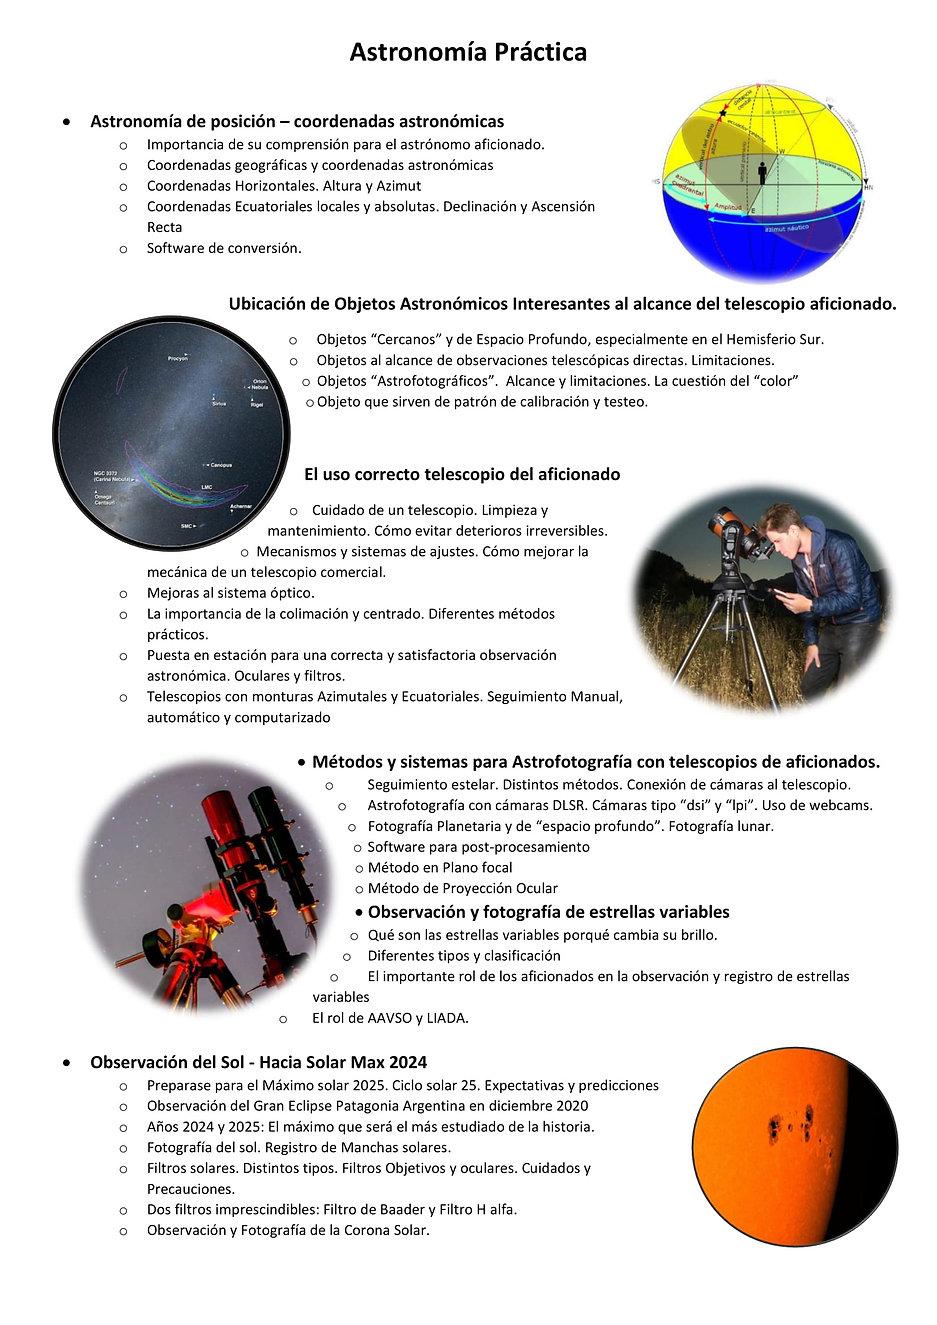 Nuevo curso post modulo 3 avanzado-1.jpg